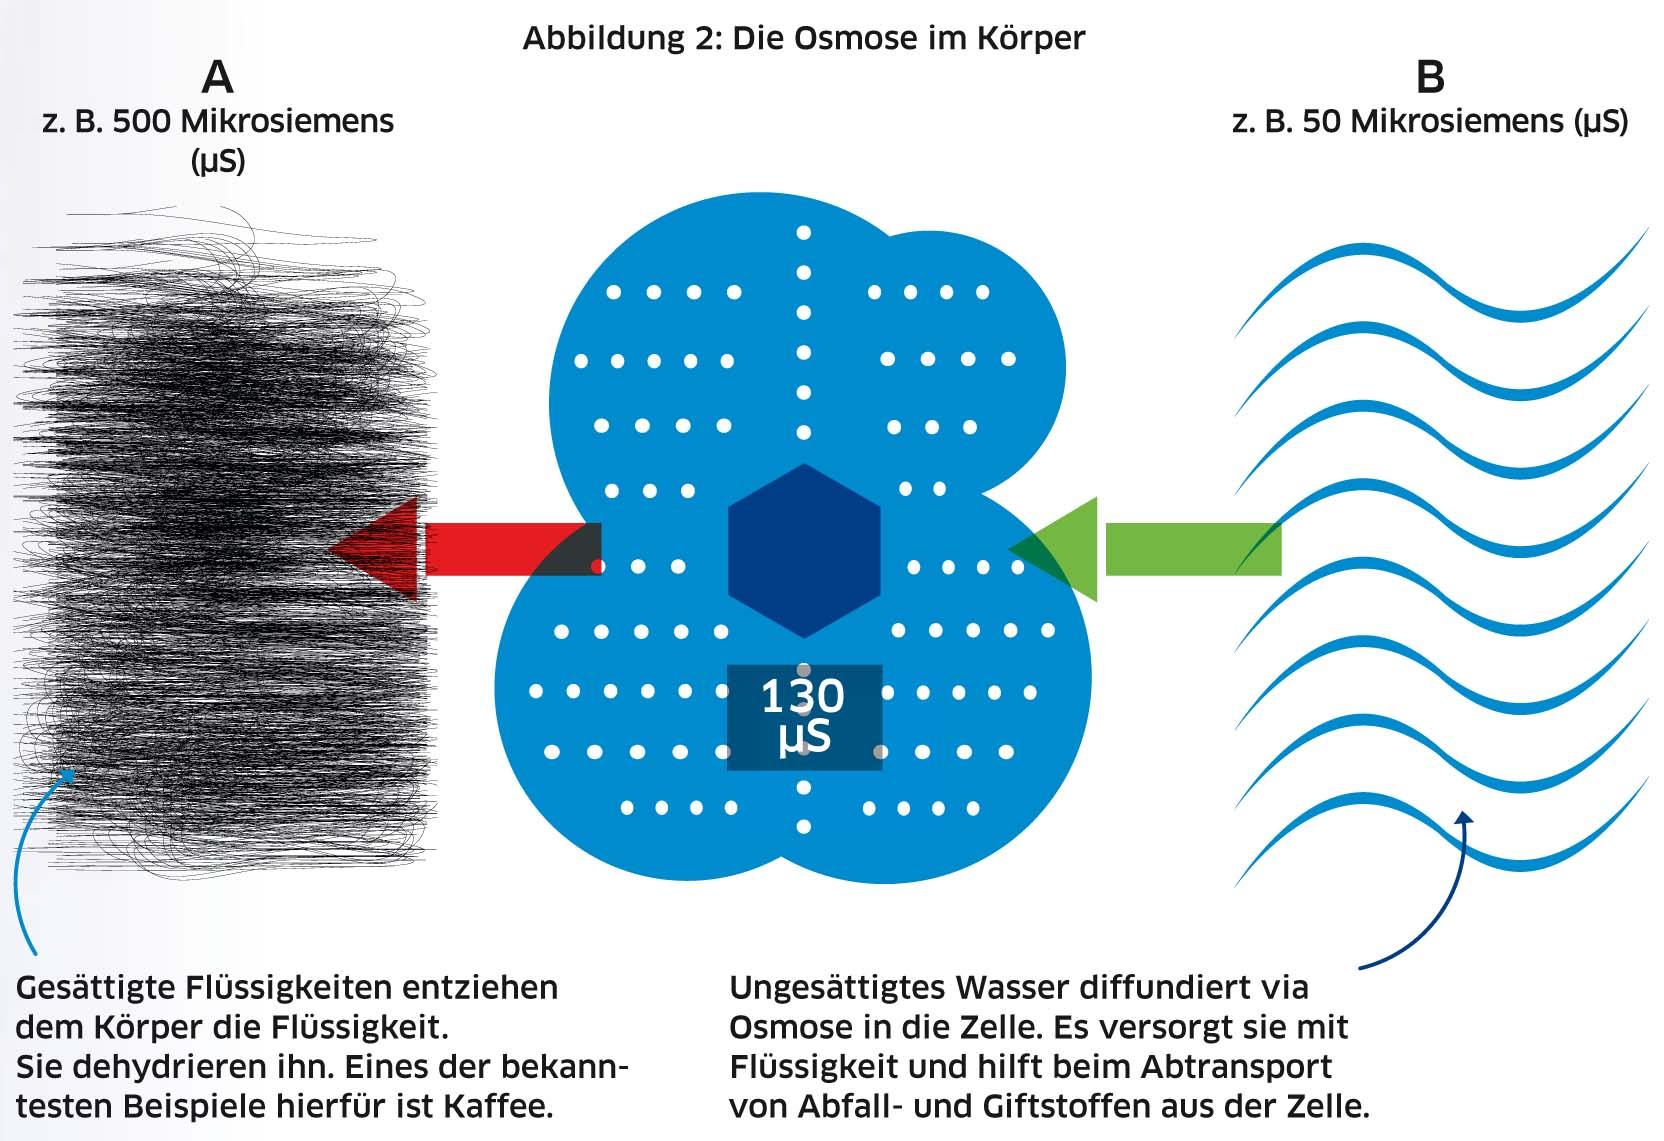 Seite 062-065 Kirner_Wasser.indd